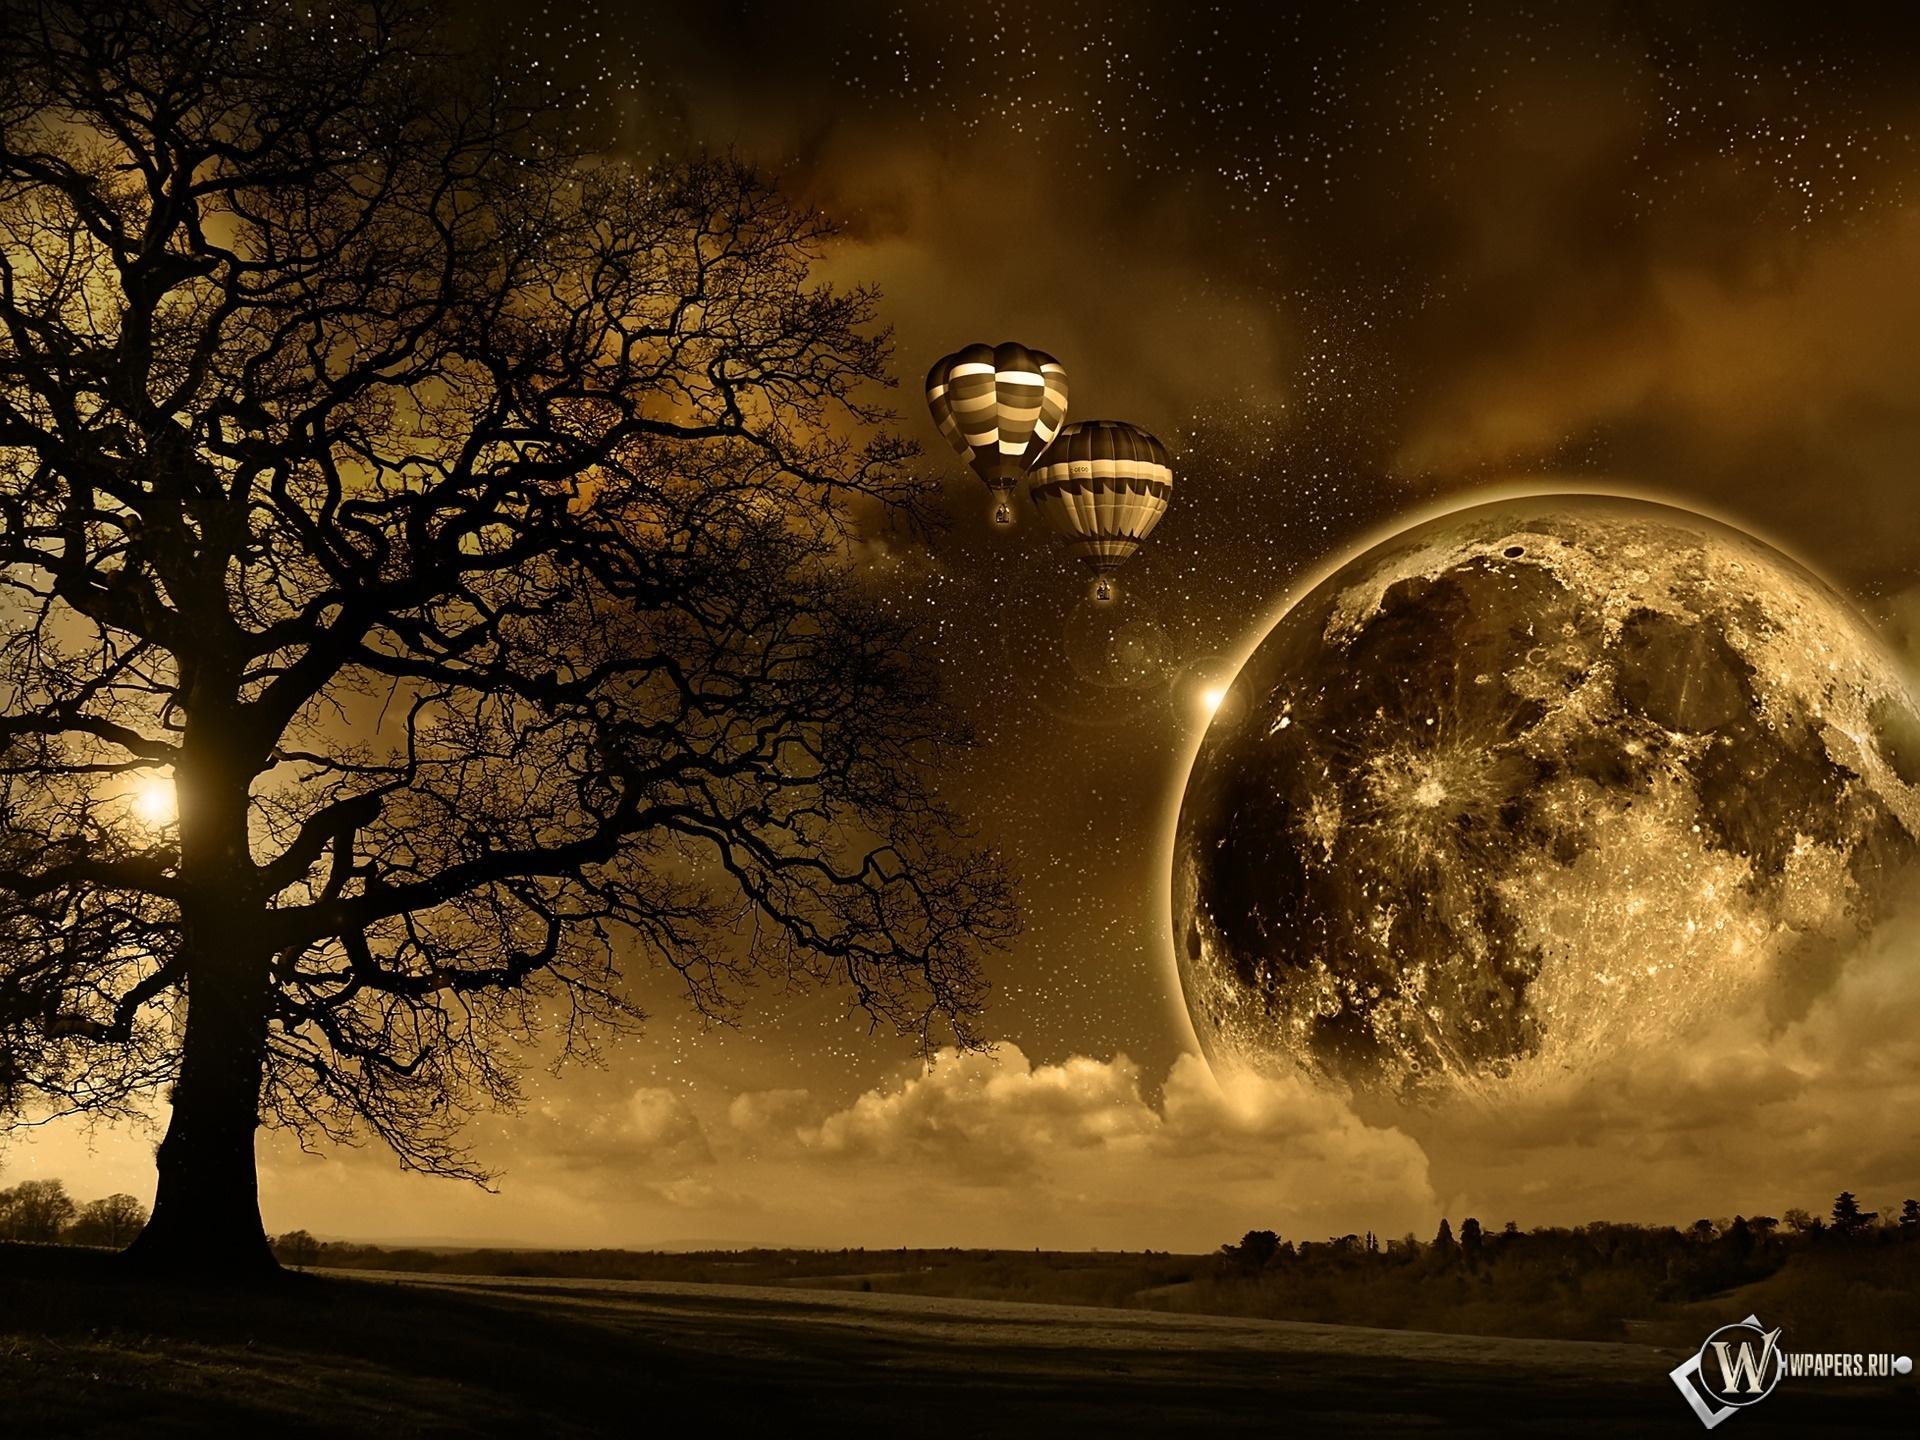 Магическая луна 1920x1440